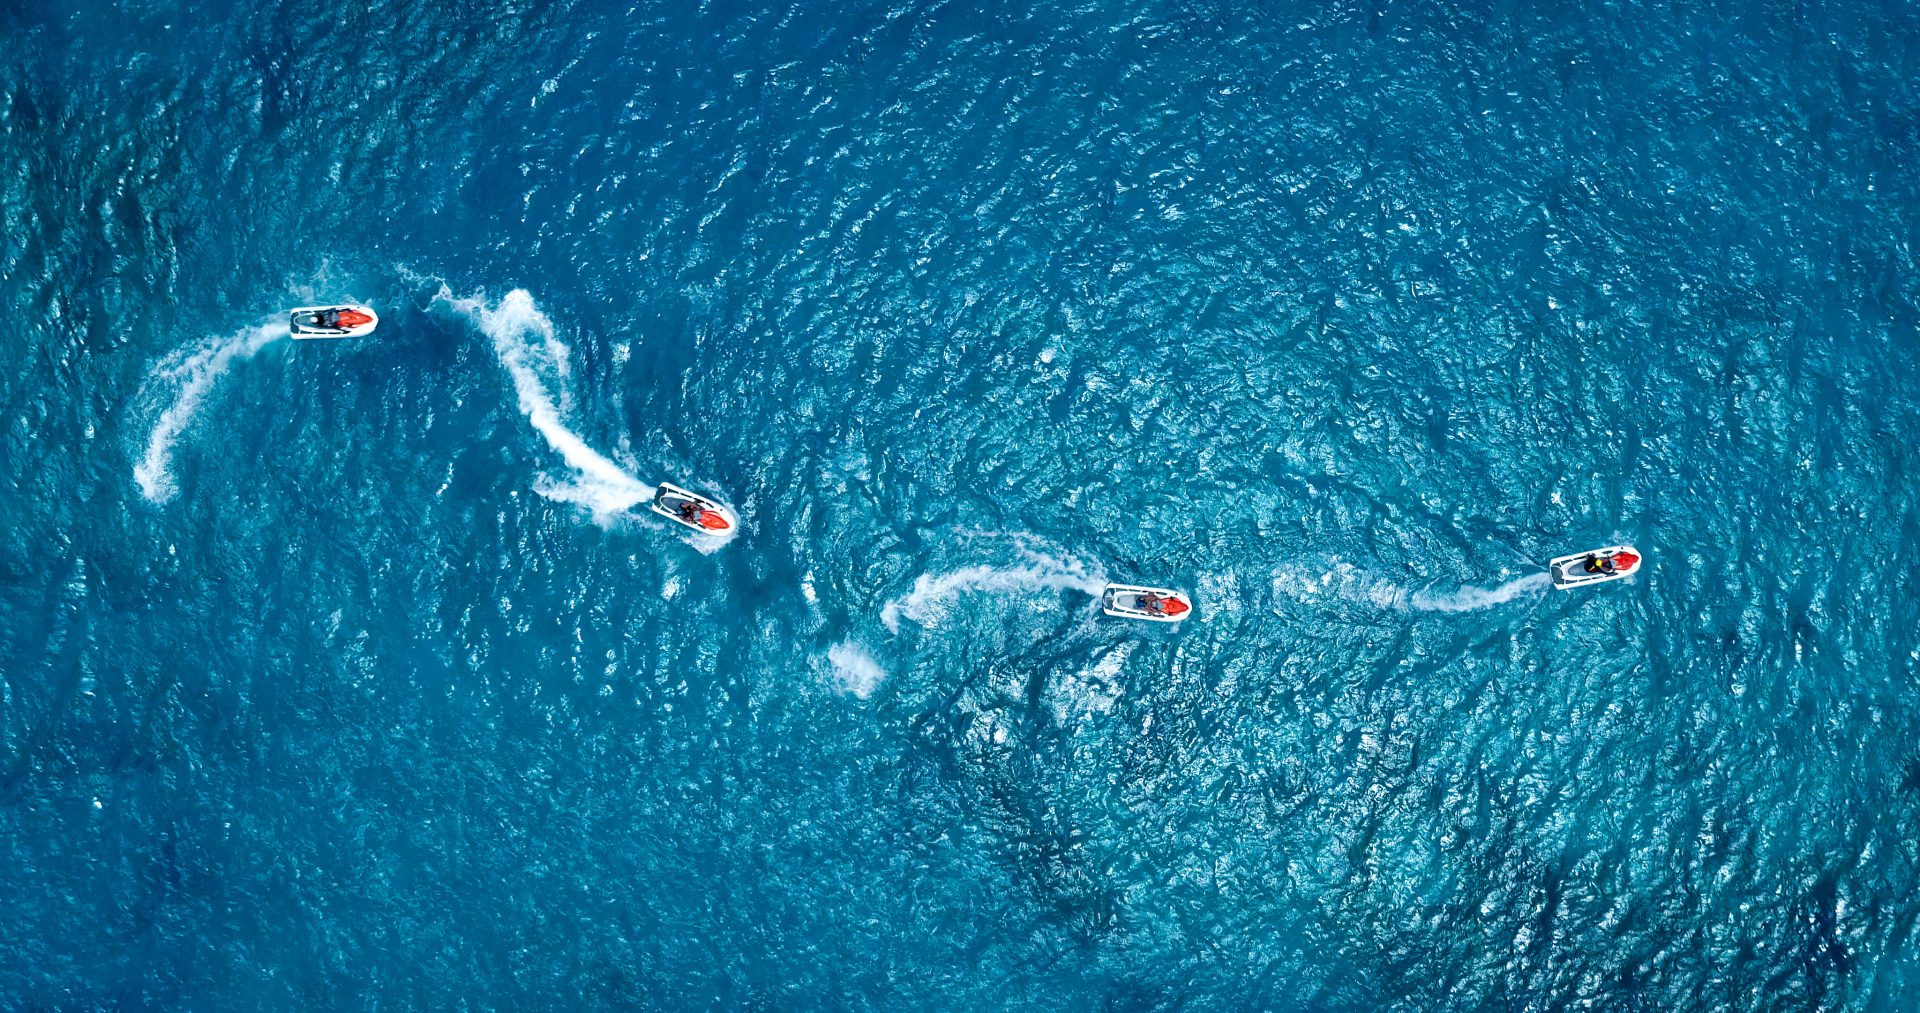 fotografia-aerea-droni-dji-sport-acquatici-5